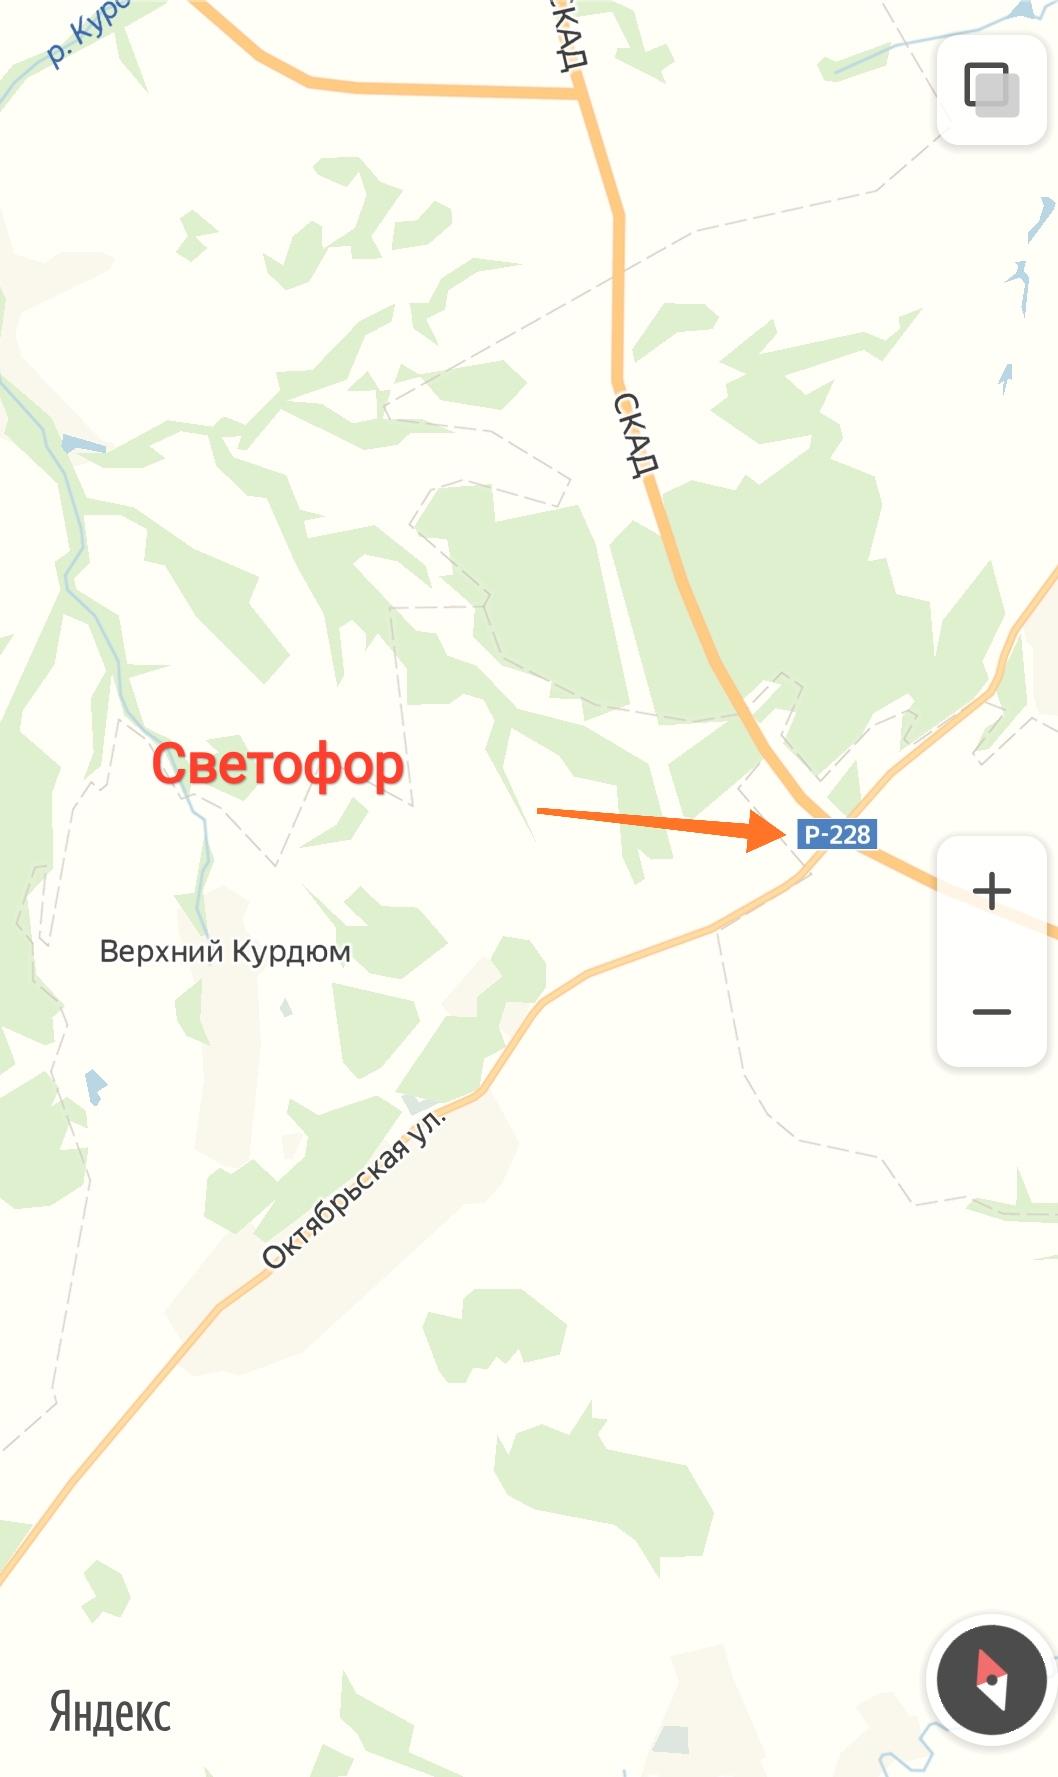 Новый светофор на Саратовской кольцевой автодороге